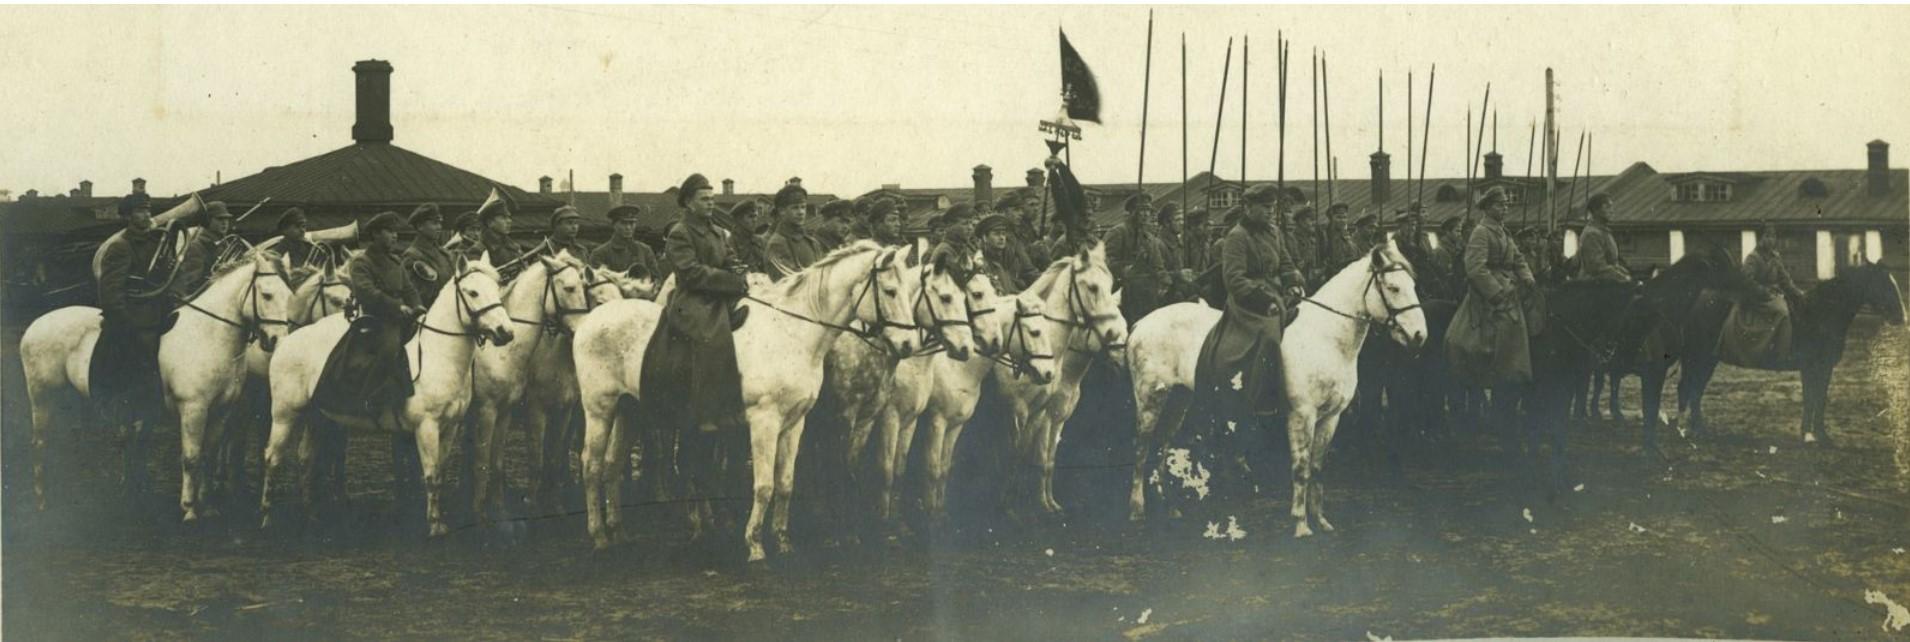 1927. Красноармейцы